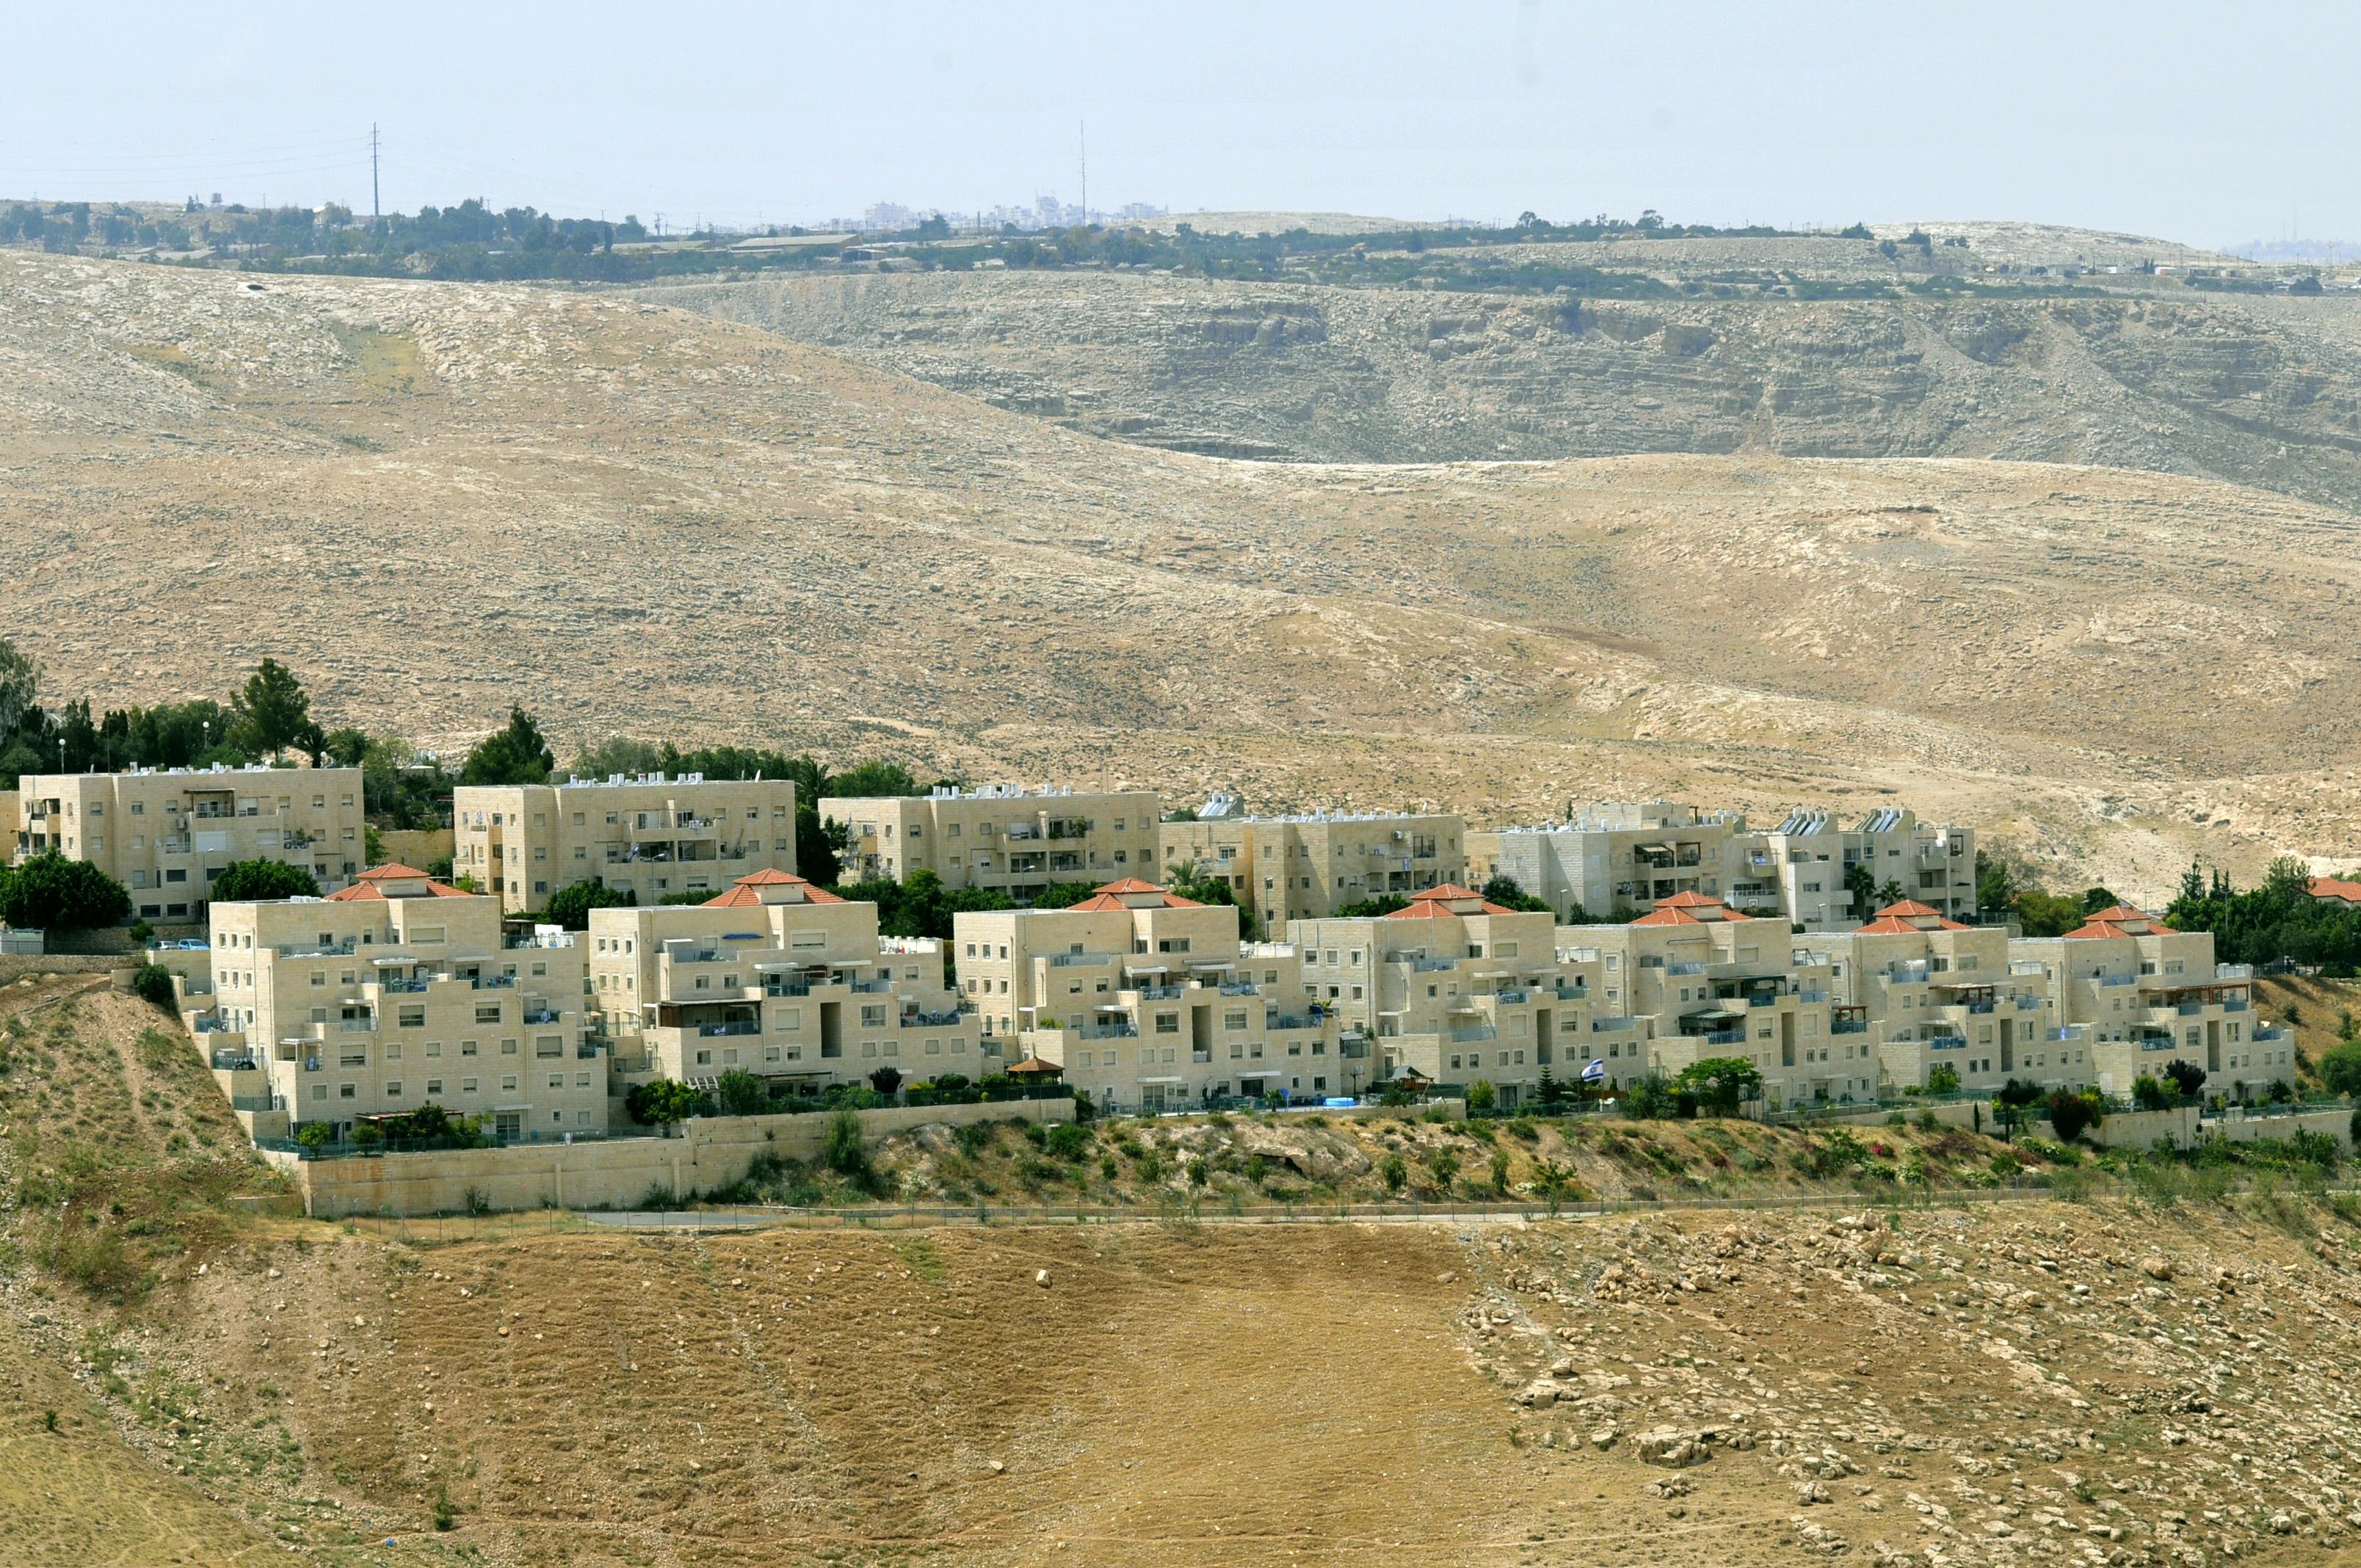 Agyonlőttek egy Molotov-koktélt dobáló palesztint Ciszjordániában